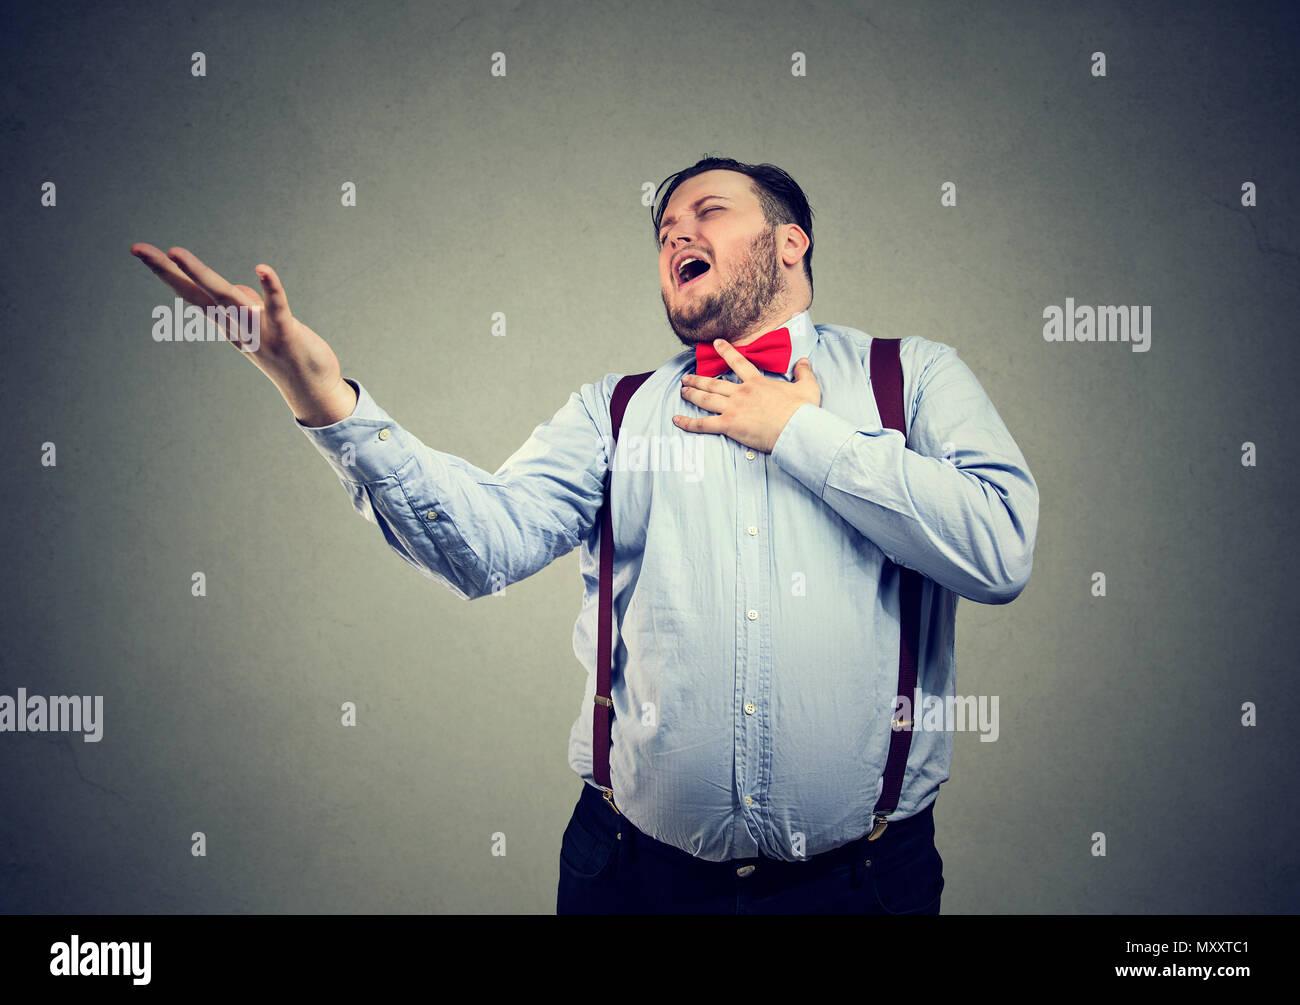 Junge mollig Mann in Gefühle von gebrochenen Herzen schreien suchen verzweifelt während des Spielens drama Szene Stockbild